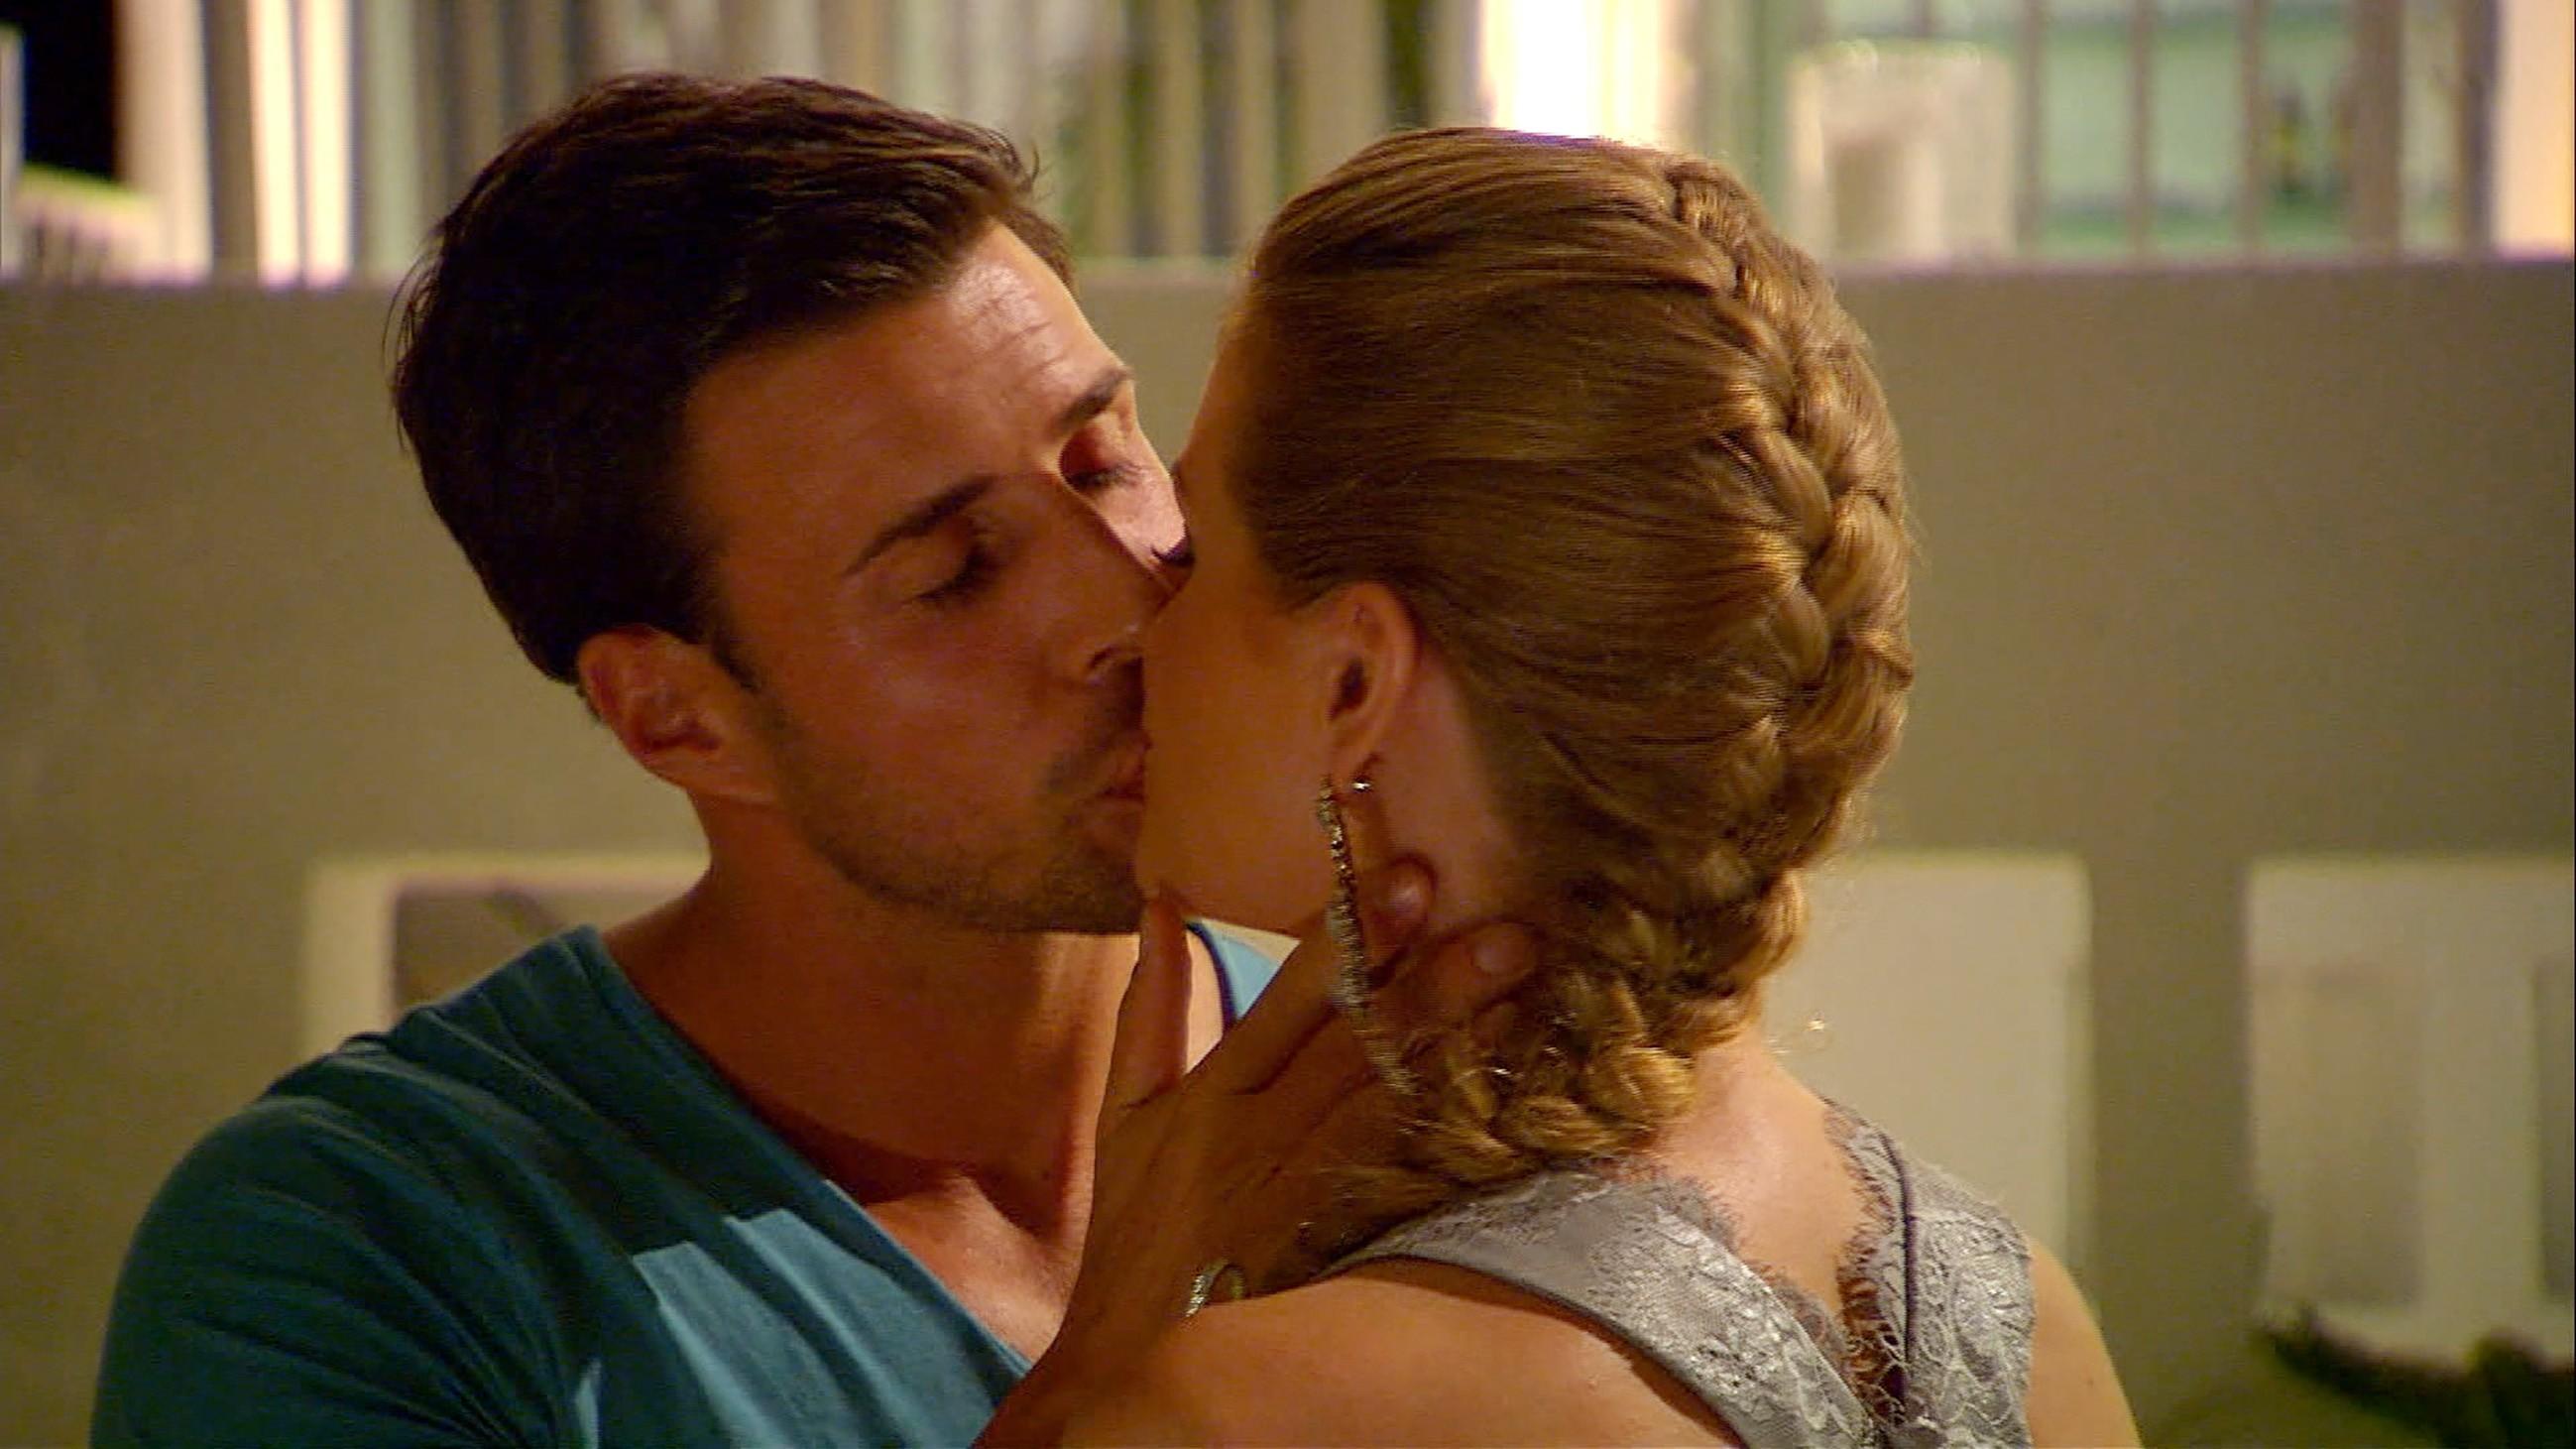 Der Bachelor 2016 Folge 5 - Anni und Leonard küssen sich